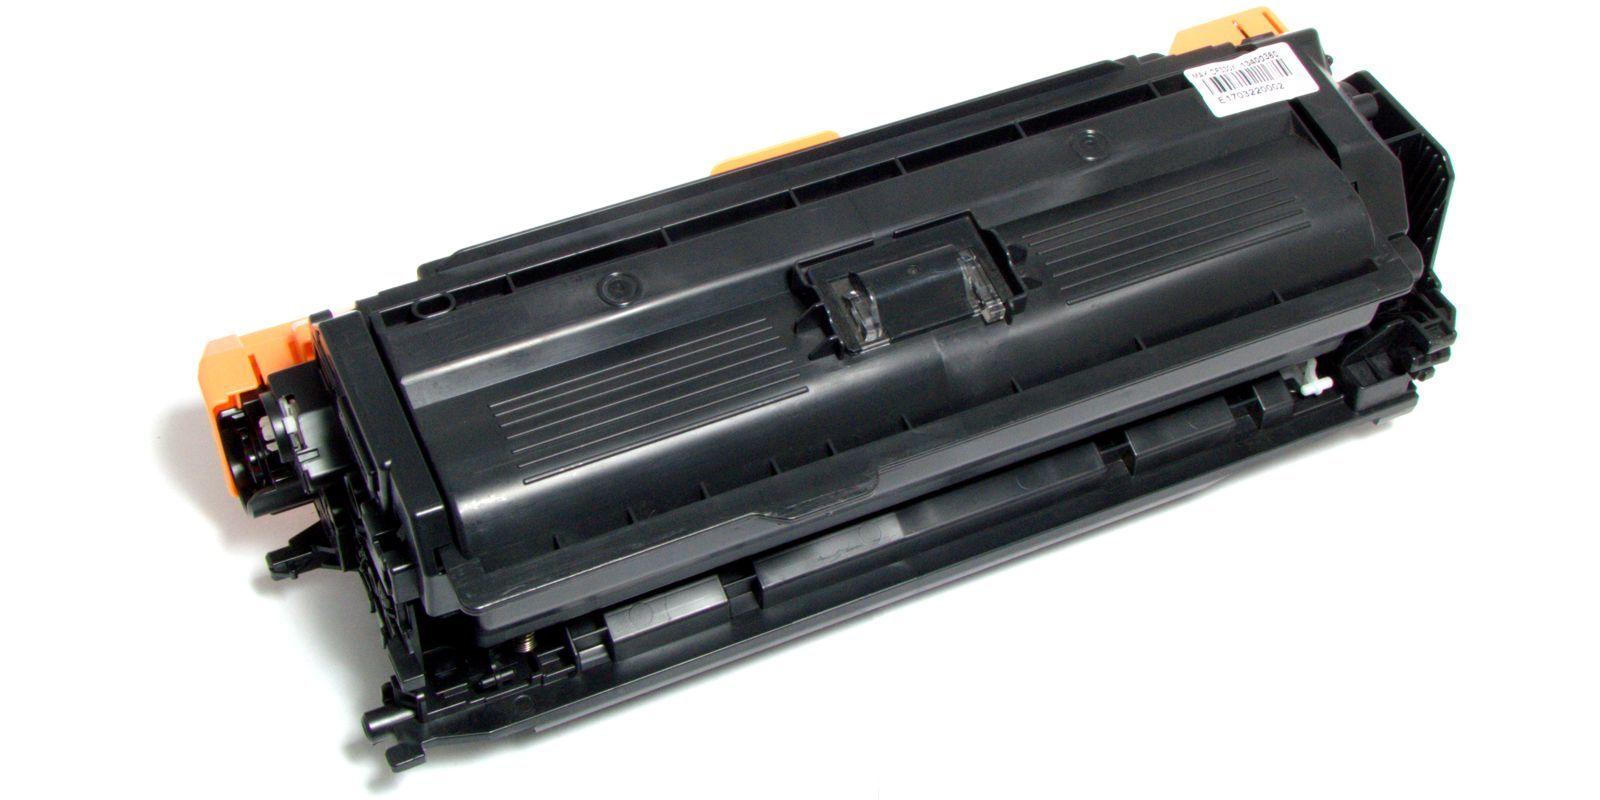 Картридж лазерный цветной MAK© 654X CF330X черный (black), увеличенной емкости до 20500 стр.